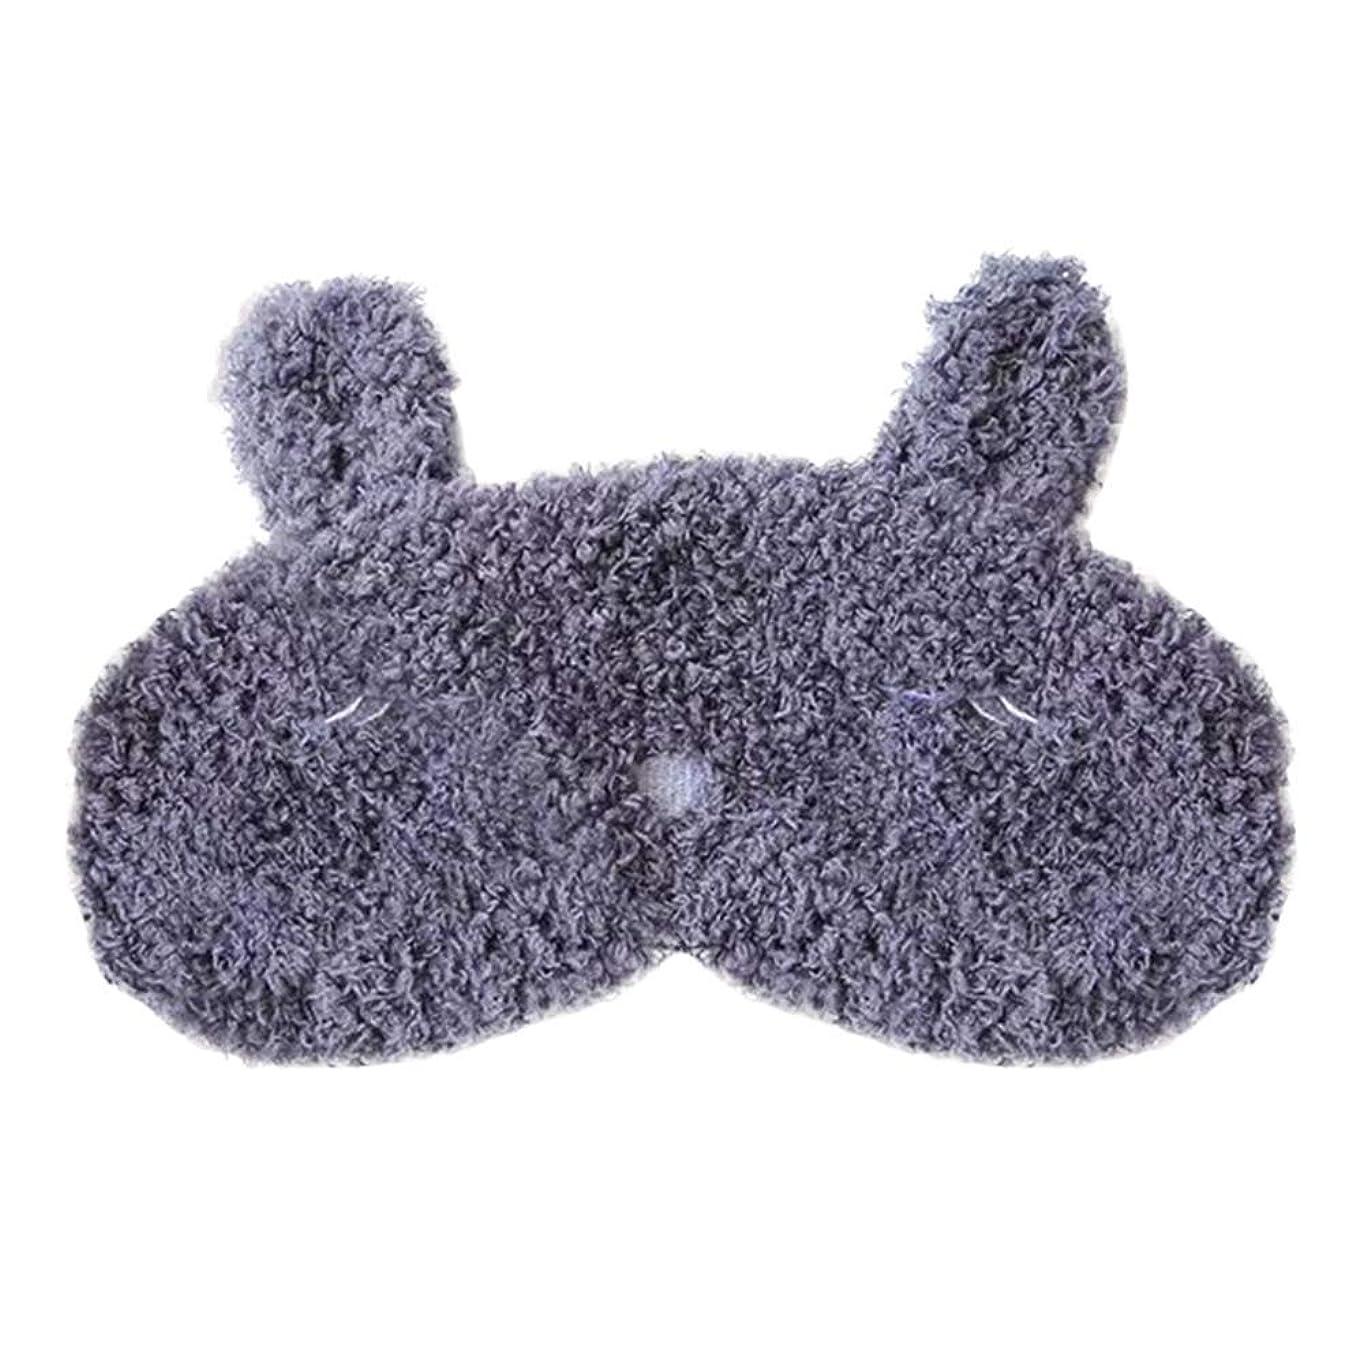 残りカプセル挑発するHealifty かわいいアイマスクアイシェッドカーネーションアイマスクウサギのキャットアイパッチ(睡眠ニップ(ネイビー)